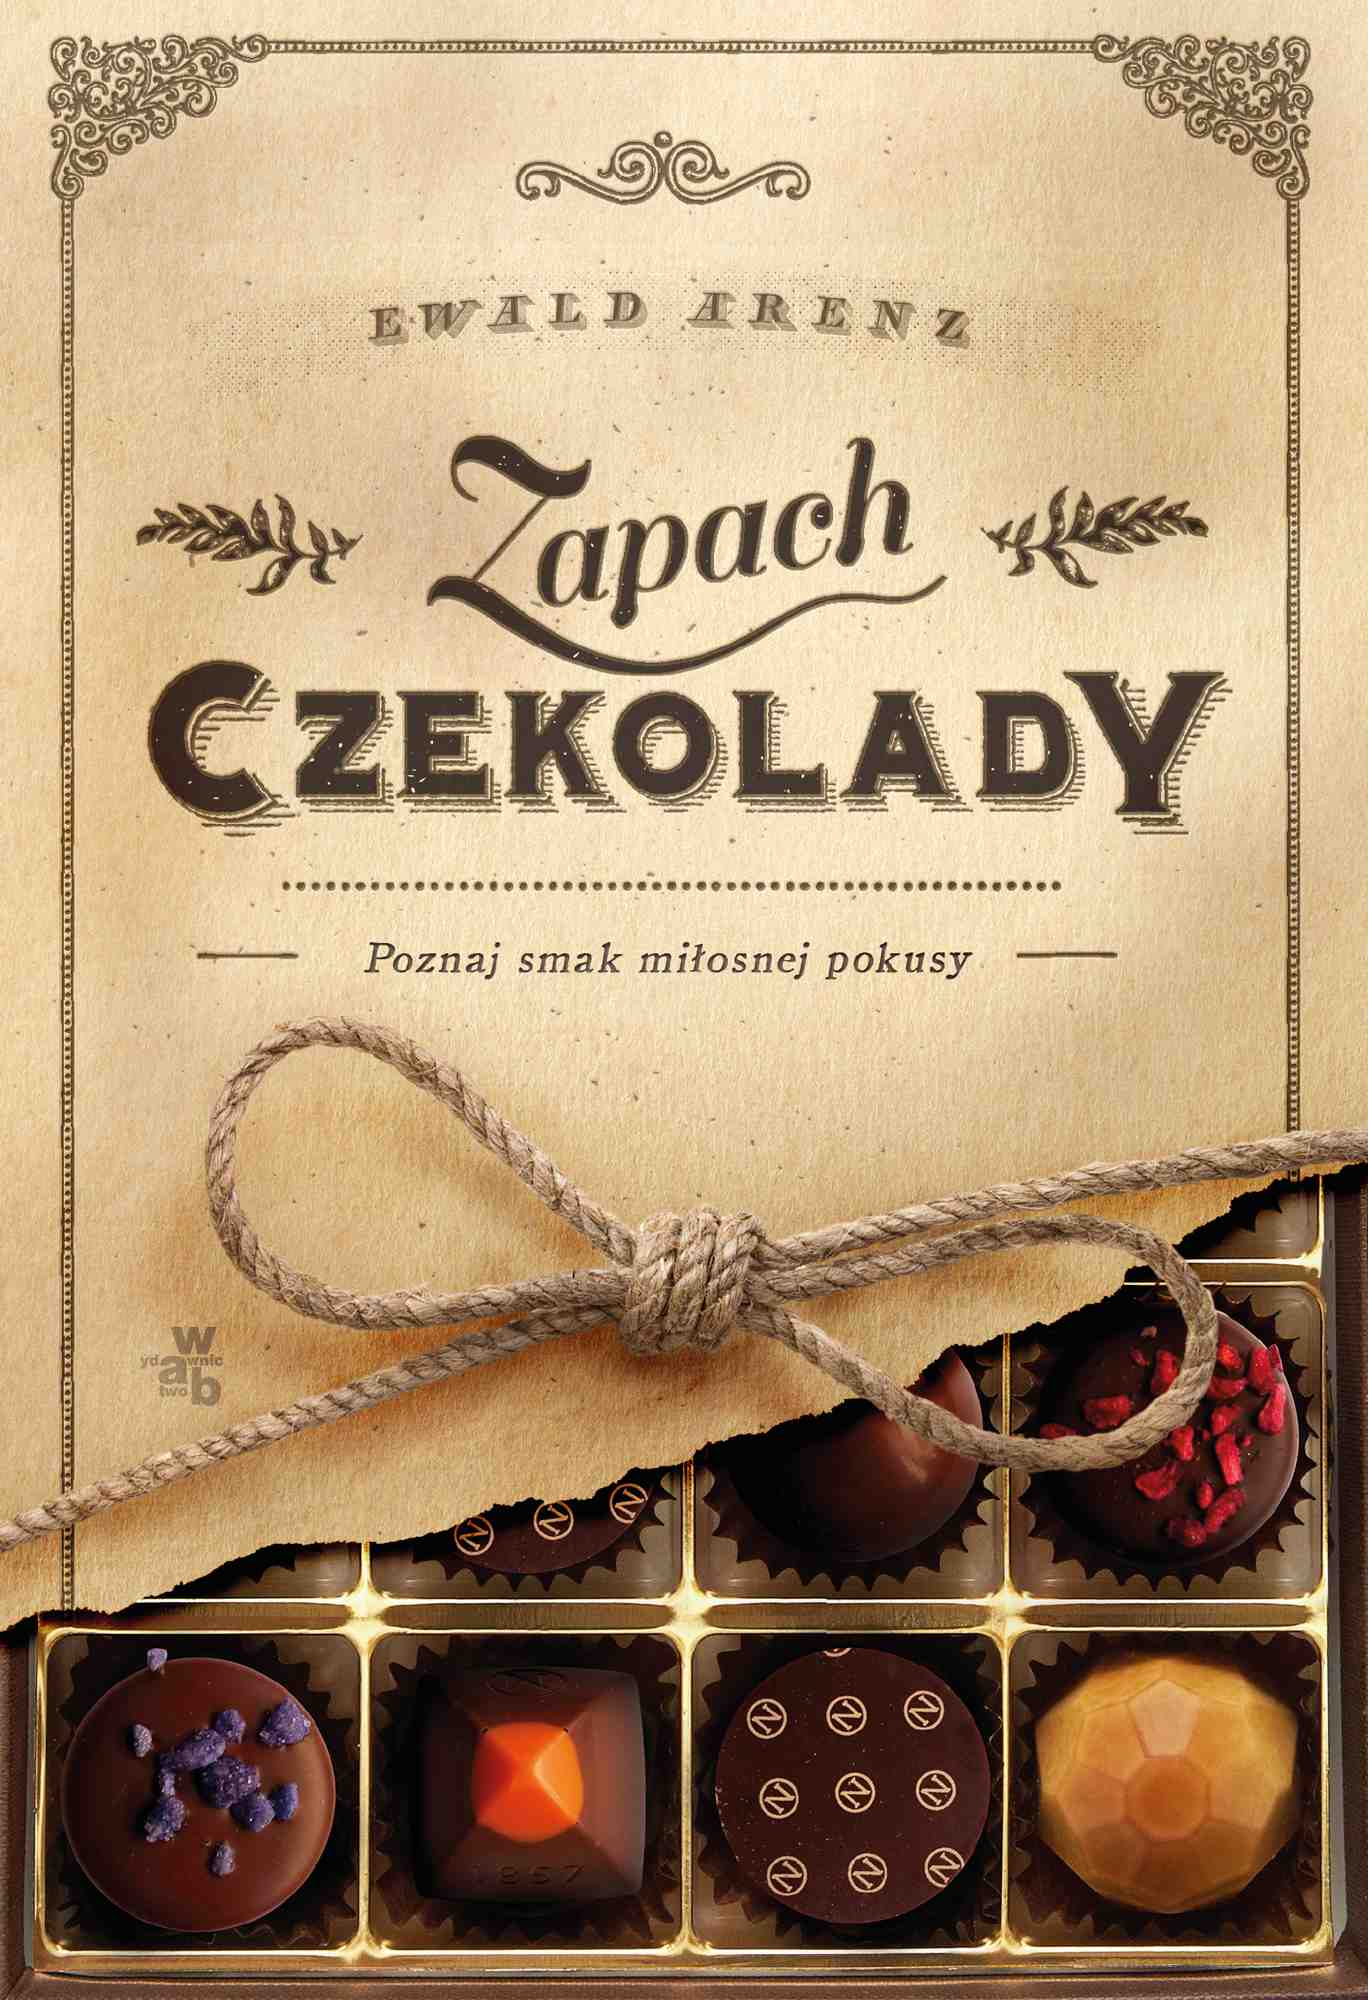 Zapach czekolady - Ebook (Książka EPUB) do pobrania w formacie EPUB